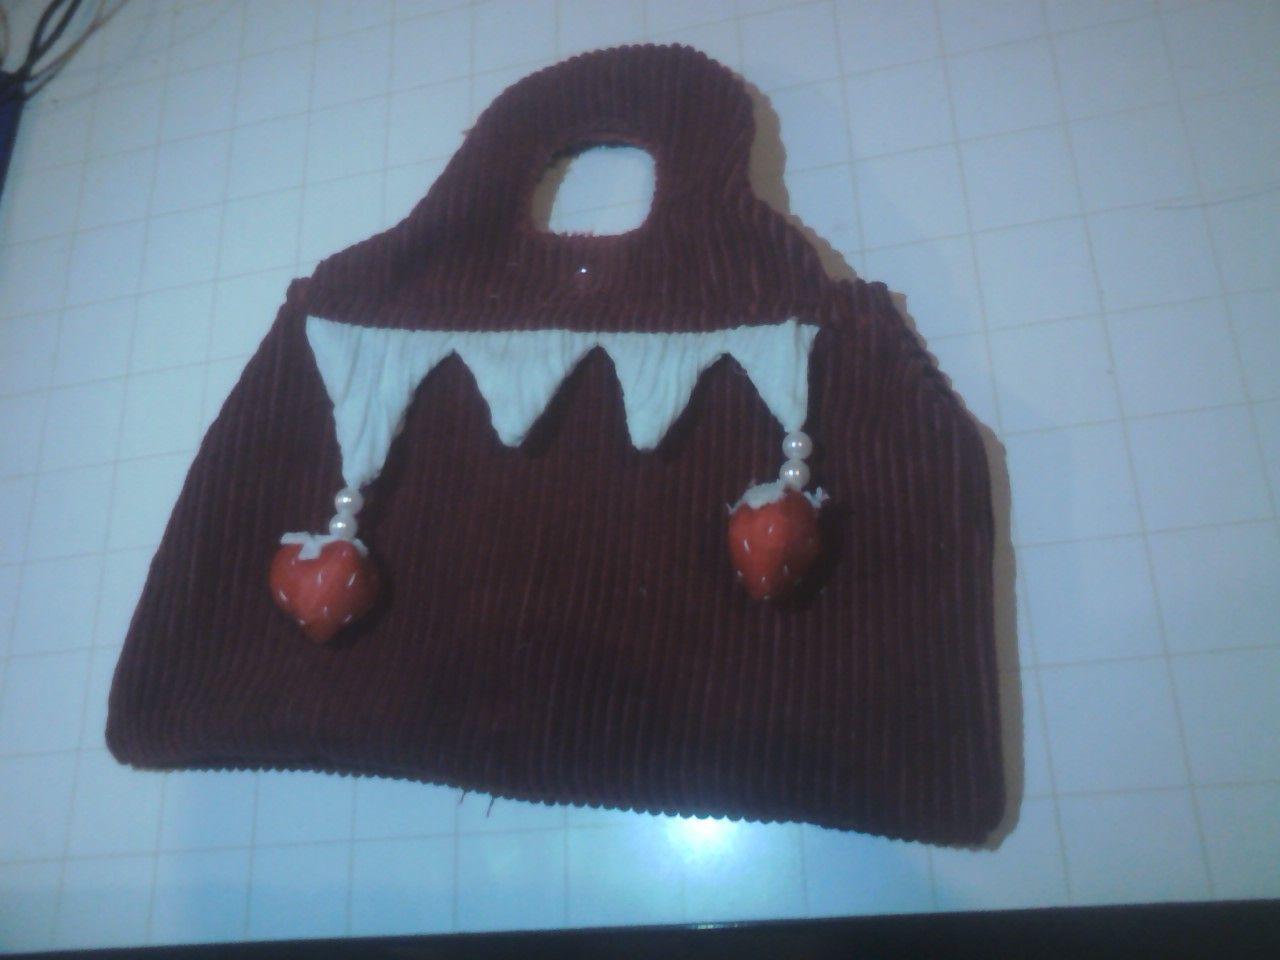 beaf7eef0 carterita de tela con adornos de frutillitas de tela colgadas.